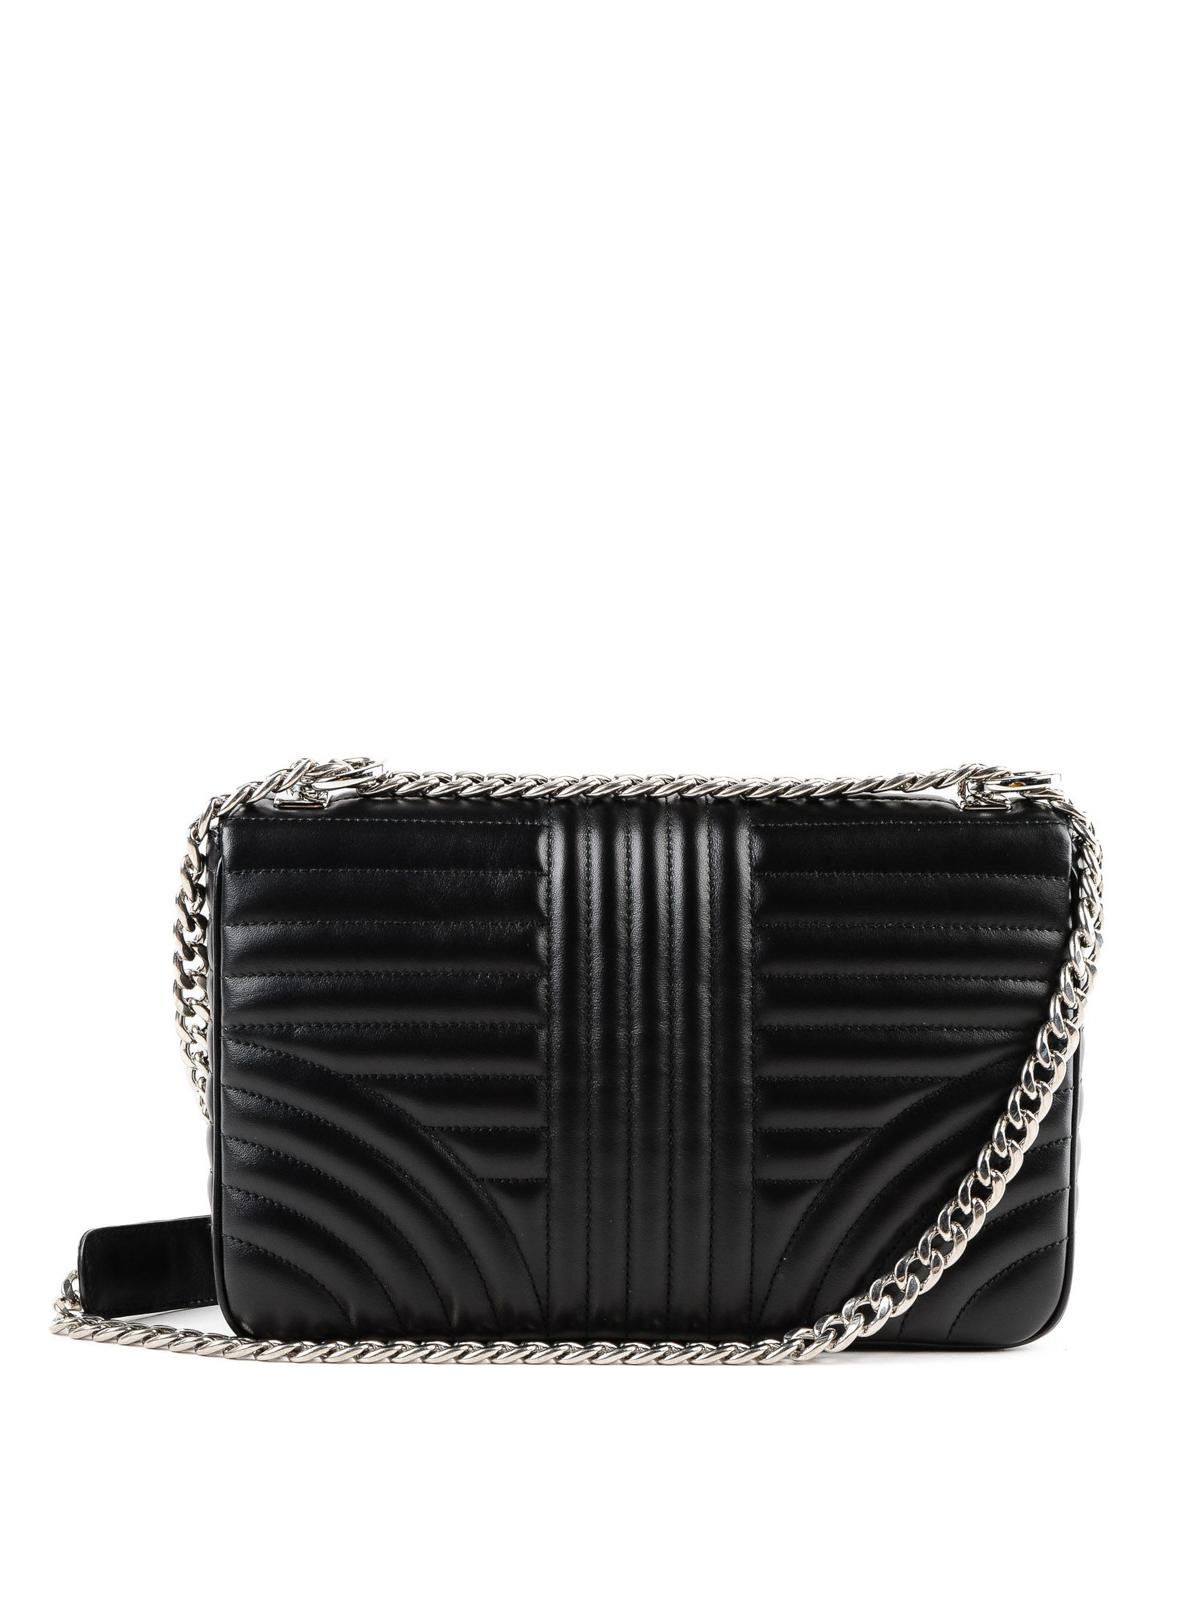 e4c2f27dd2 iKRIX PRADA: shoulder bags - Diagramme black leather shoulder bag